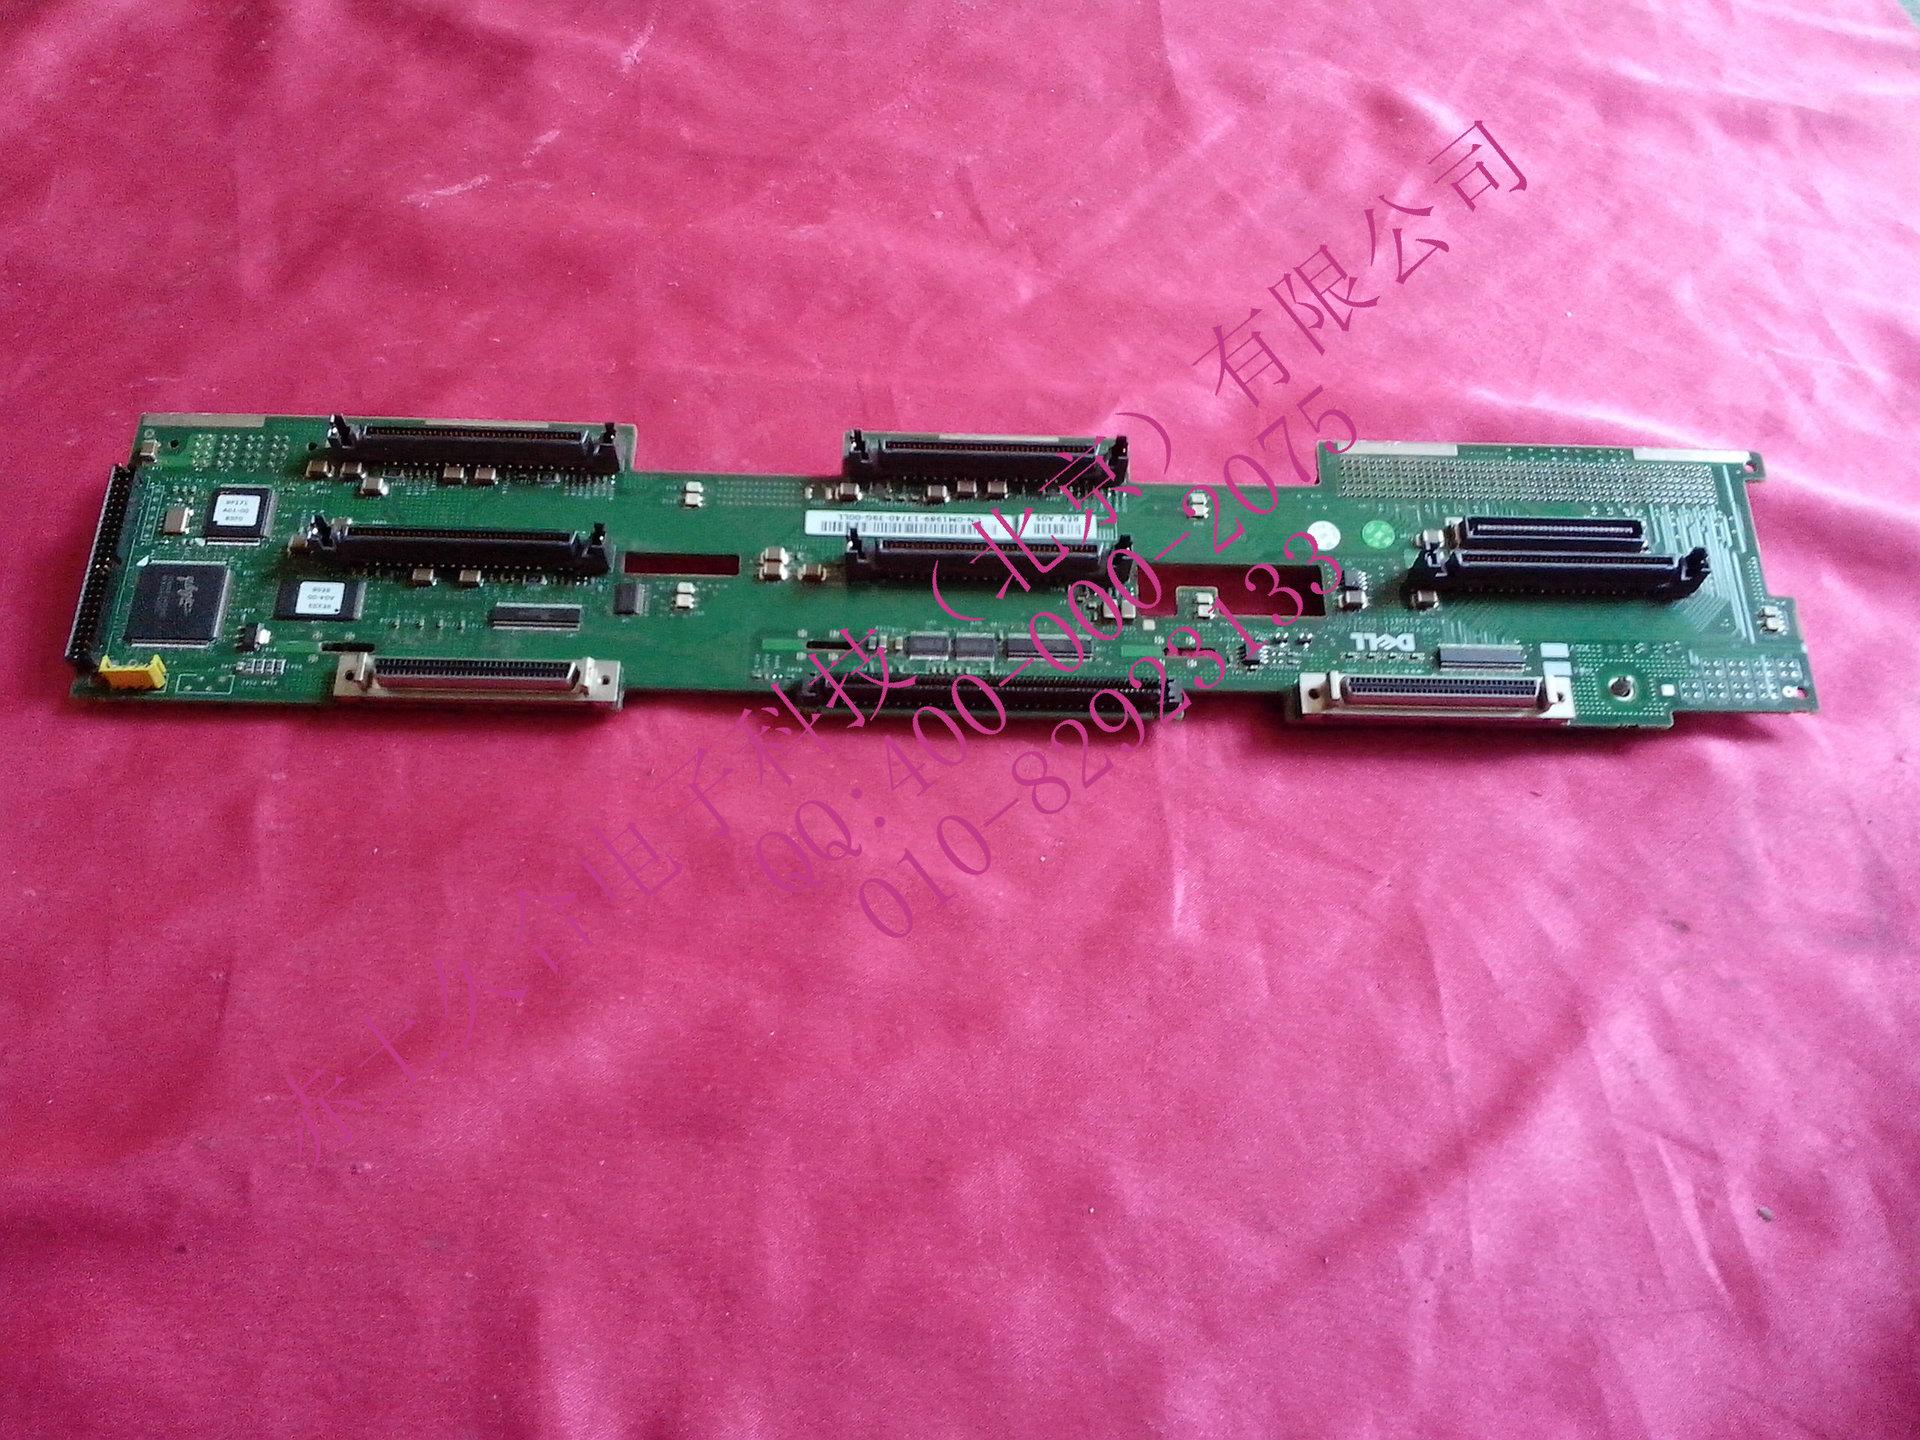 教程:詳細說明整個過程,教您如何安裝SCSI硬盤